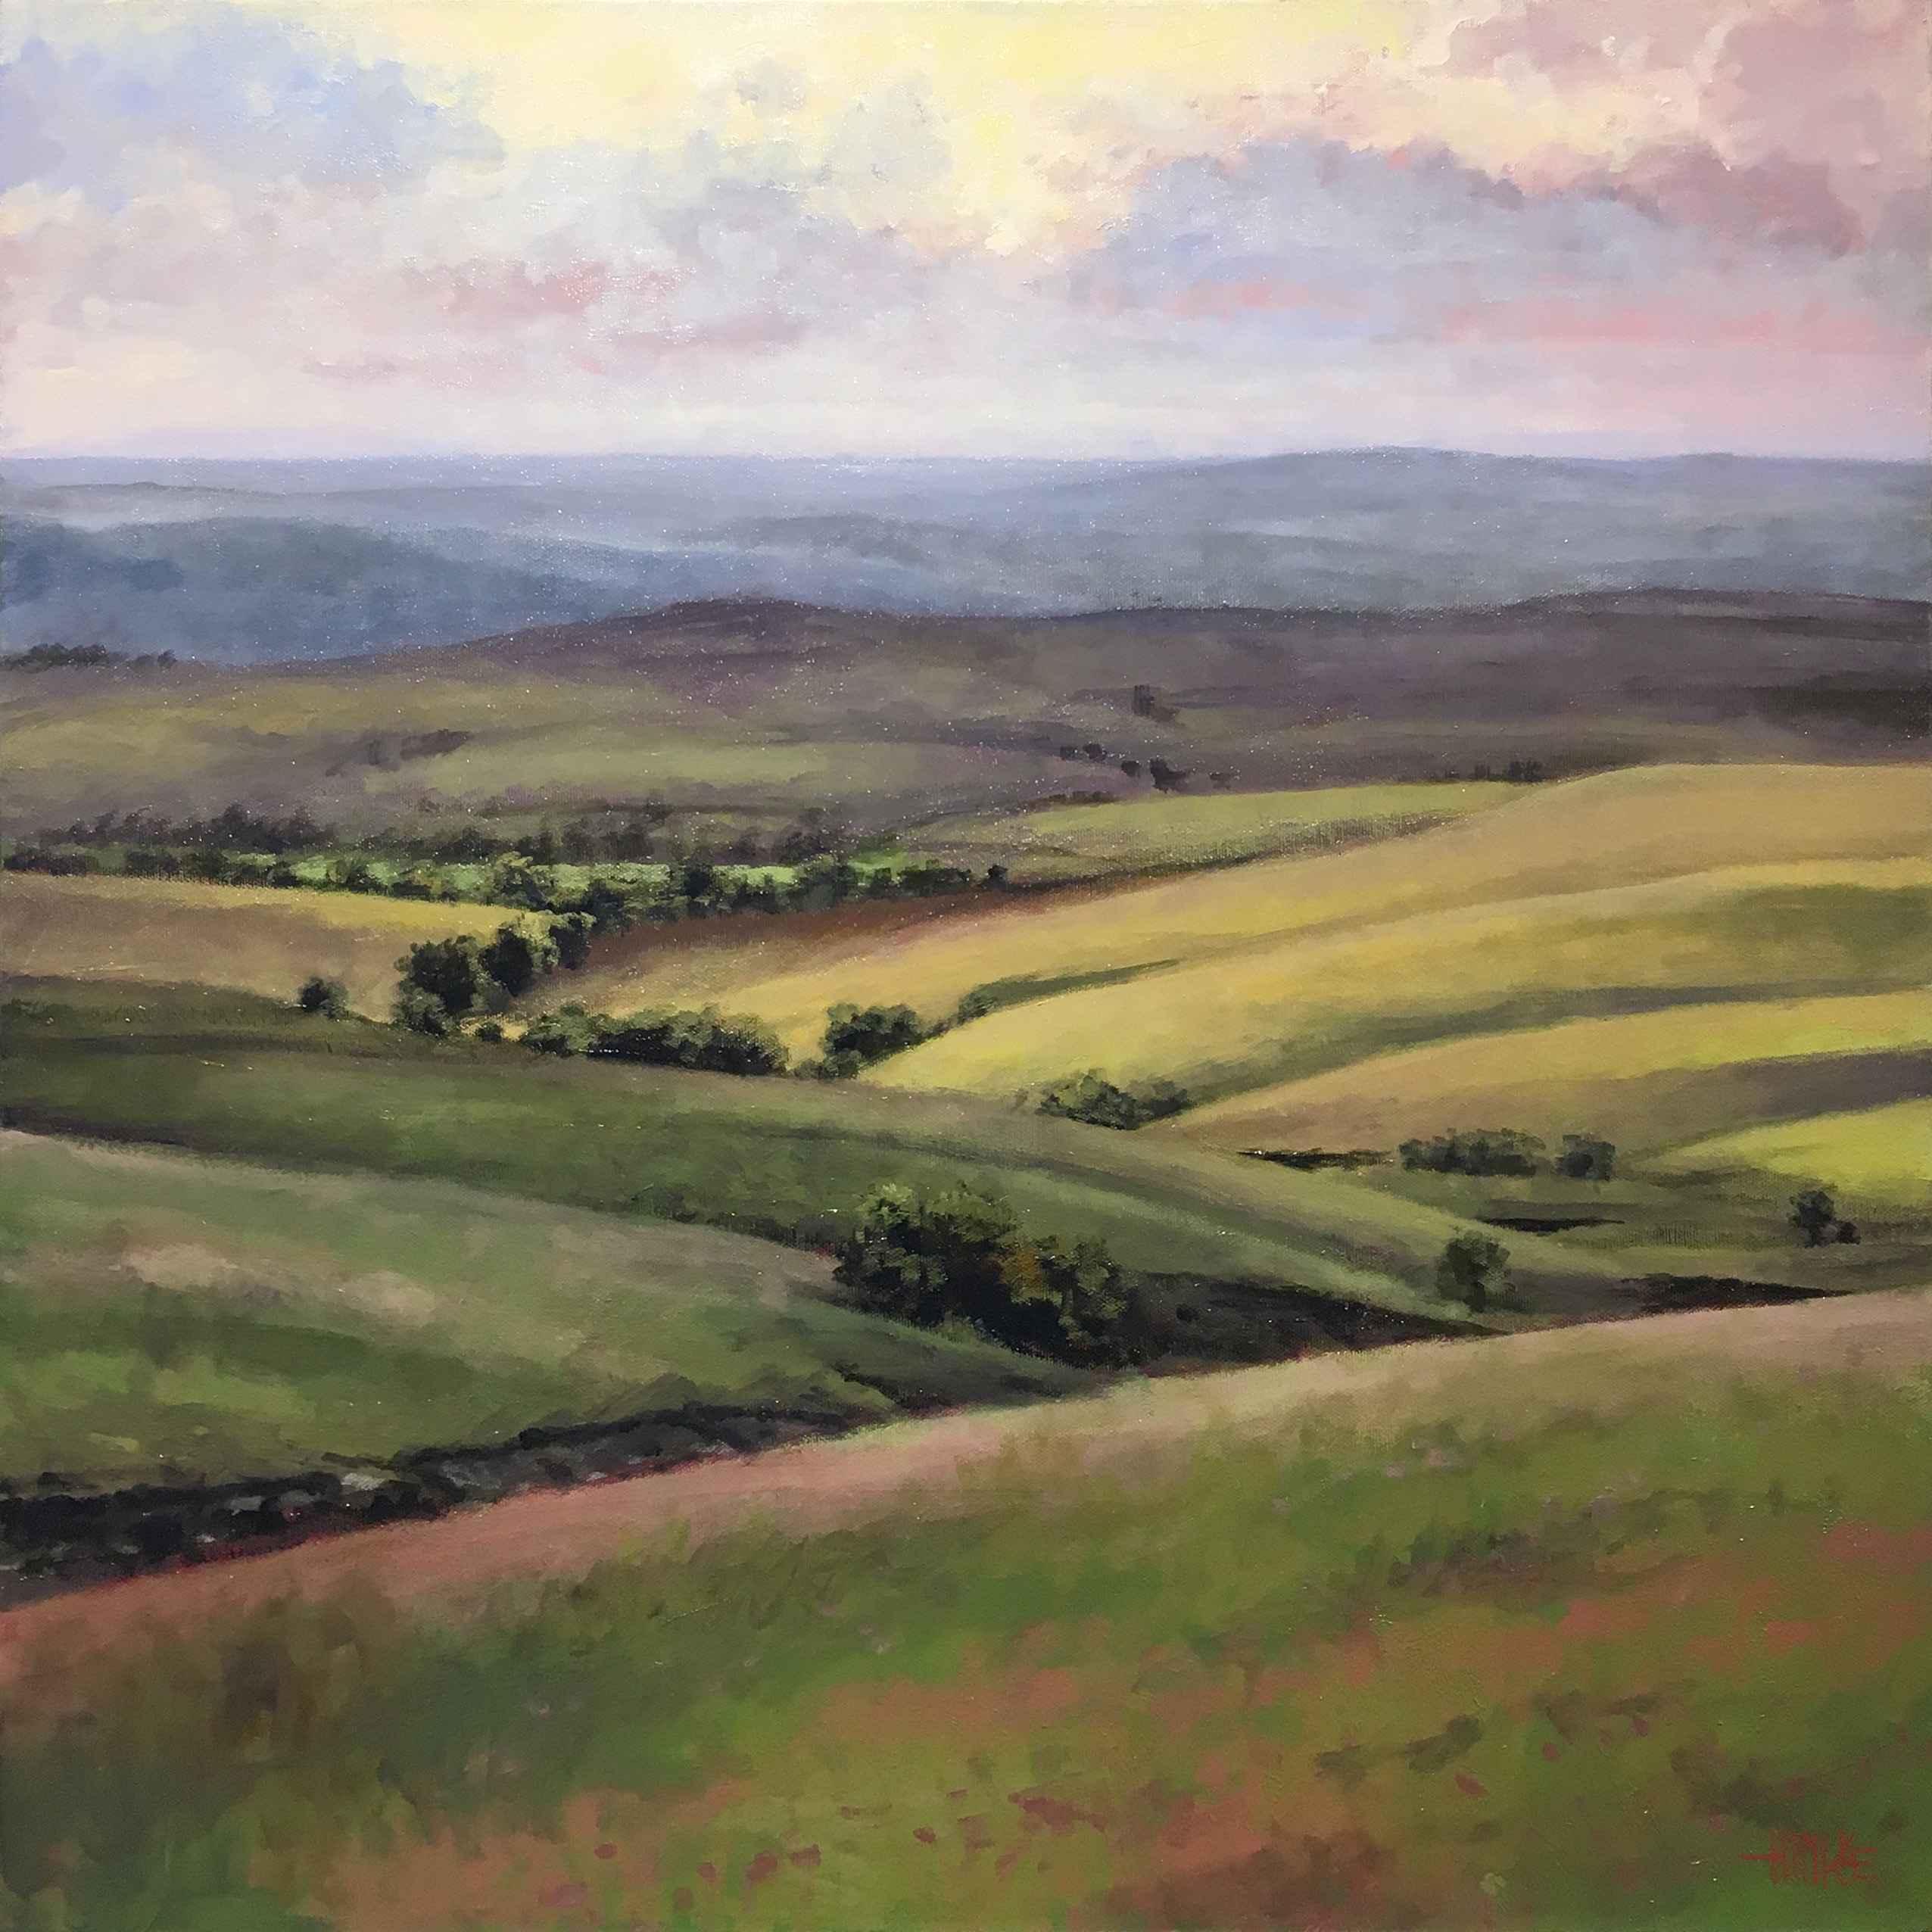 Flint Hills Vista by  Brian Hinkle - Masterpiece Online